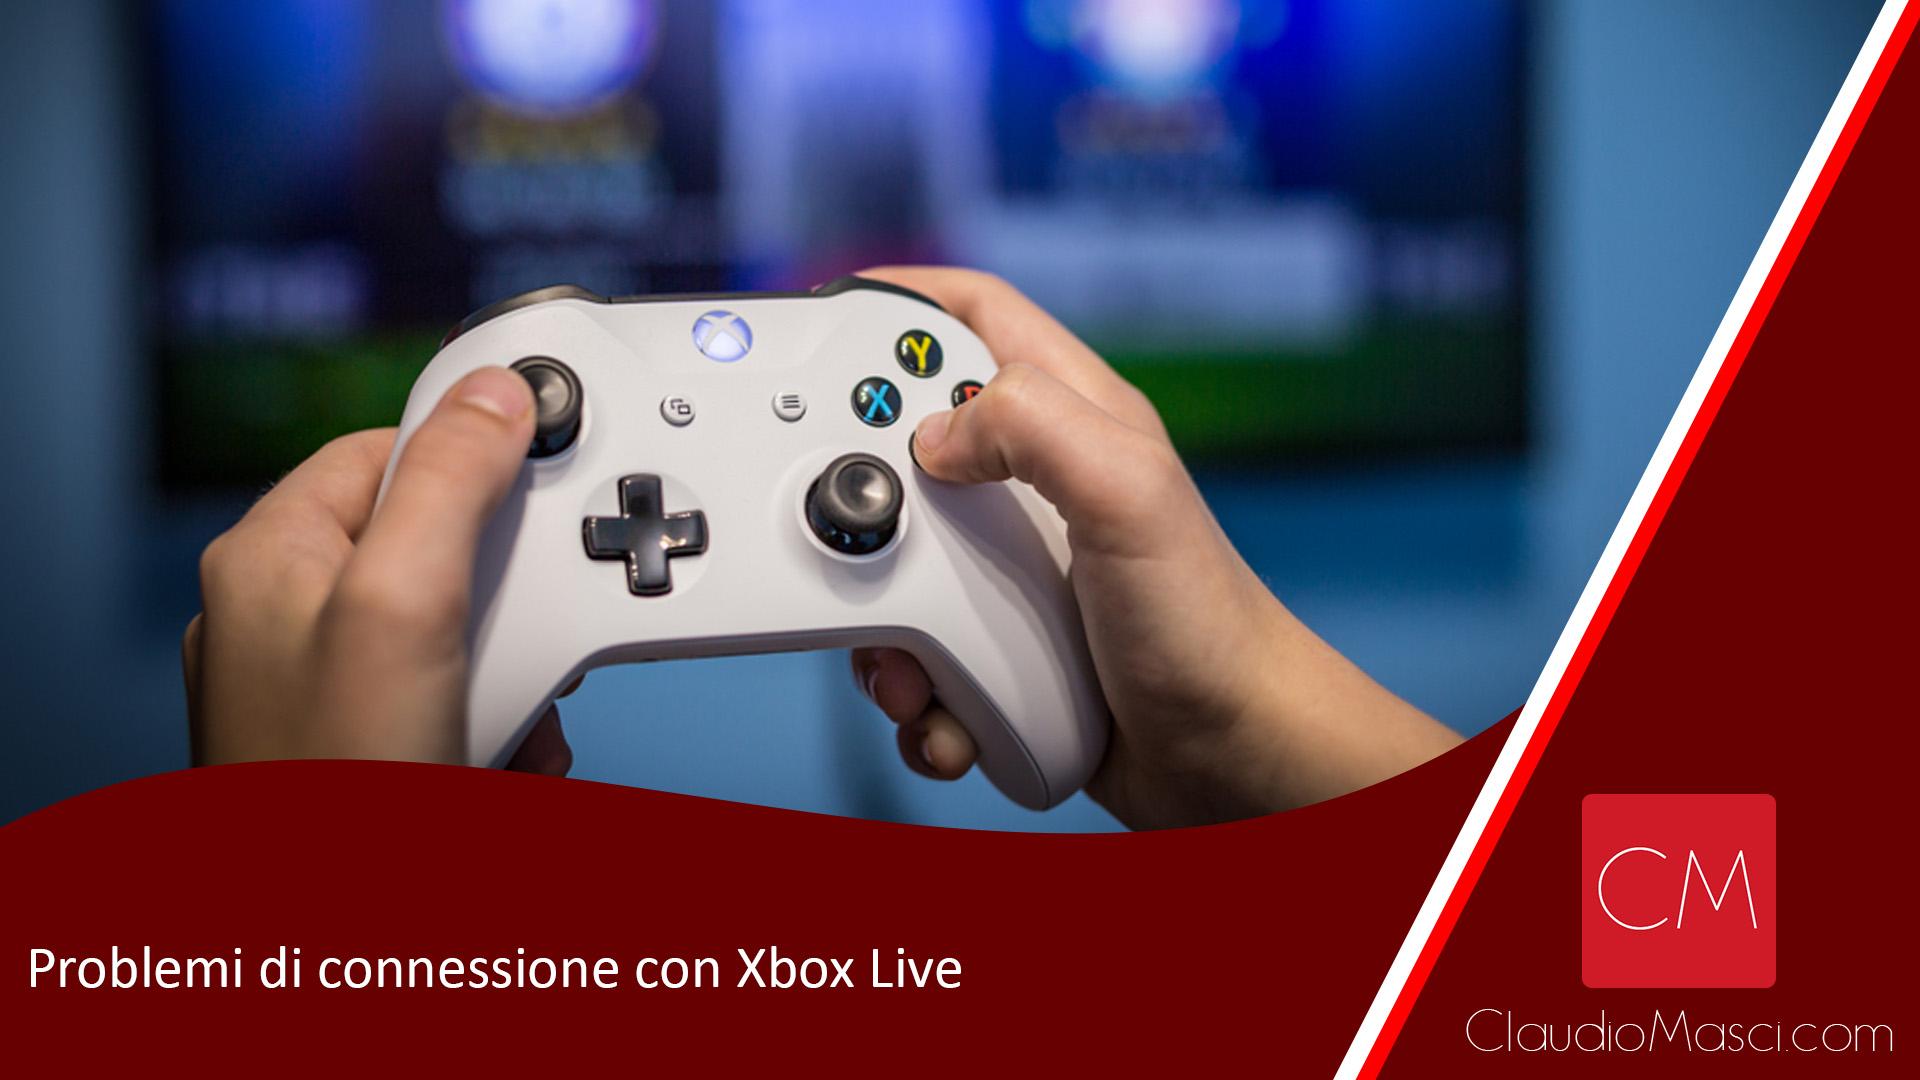 Problemi di connessione con Xbox Live